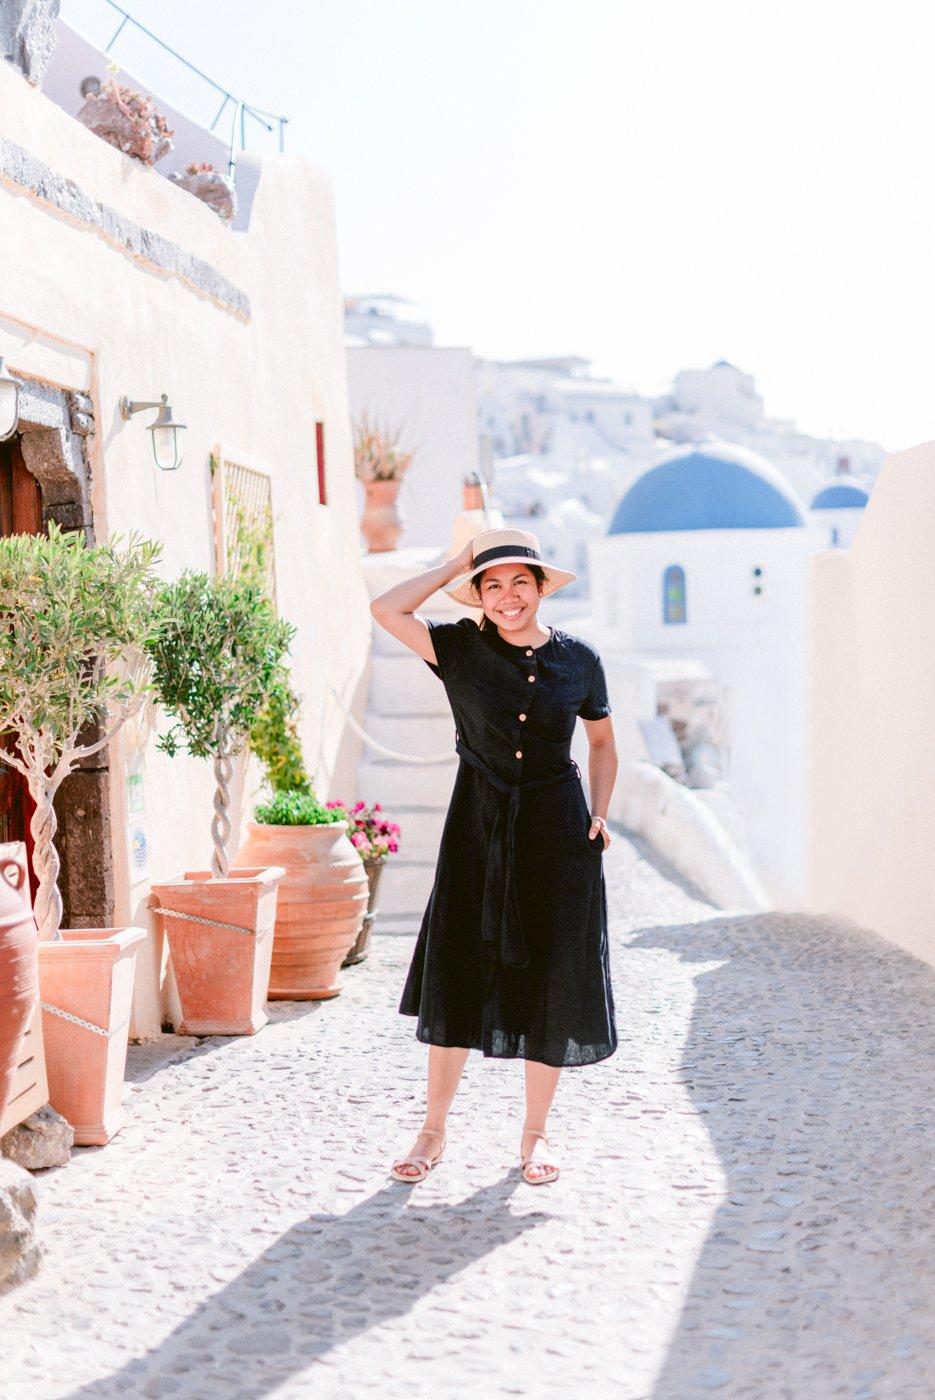 Lifestyle shoot in Oia Santorini Greece : In Photo Cristina Ilao of Cristina Ilao Photography www.cristinailao.com